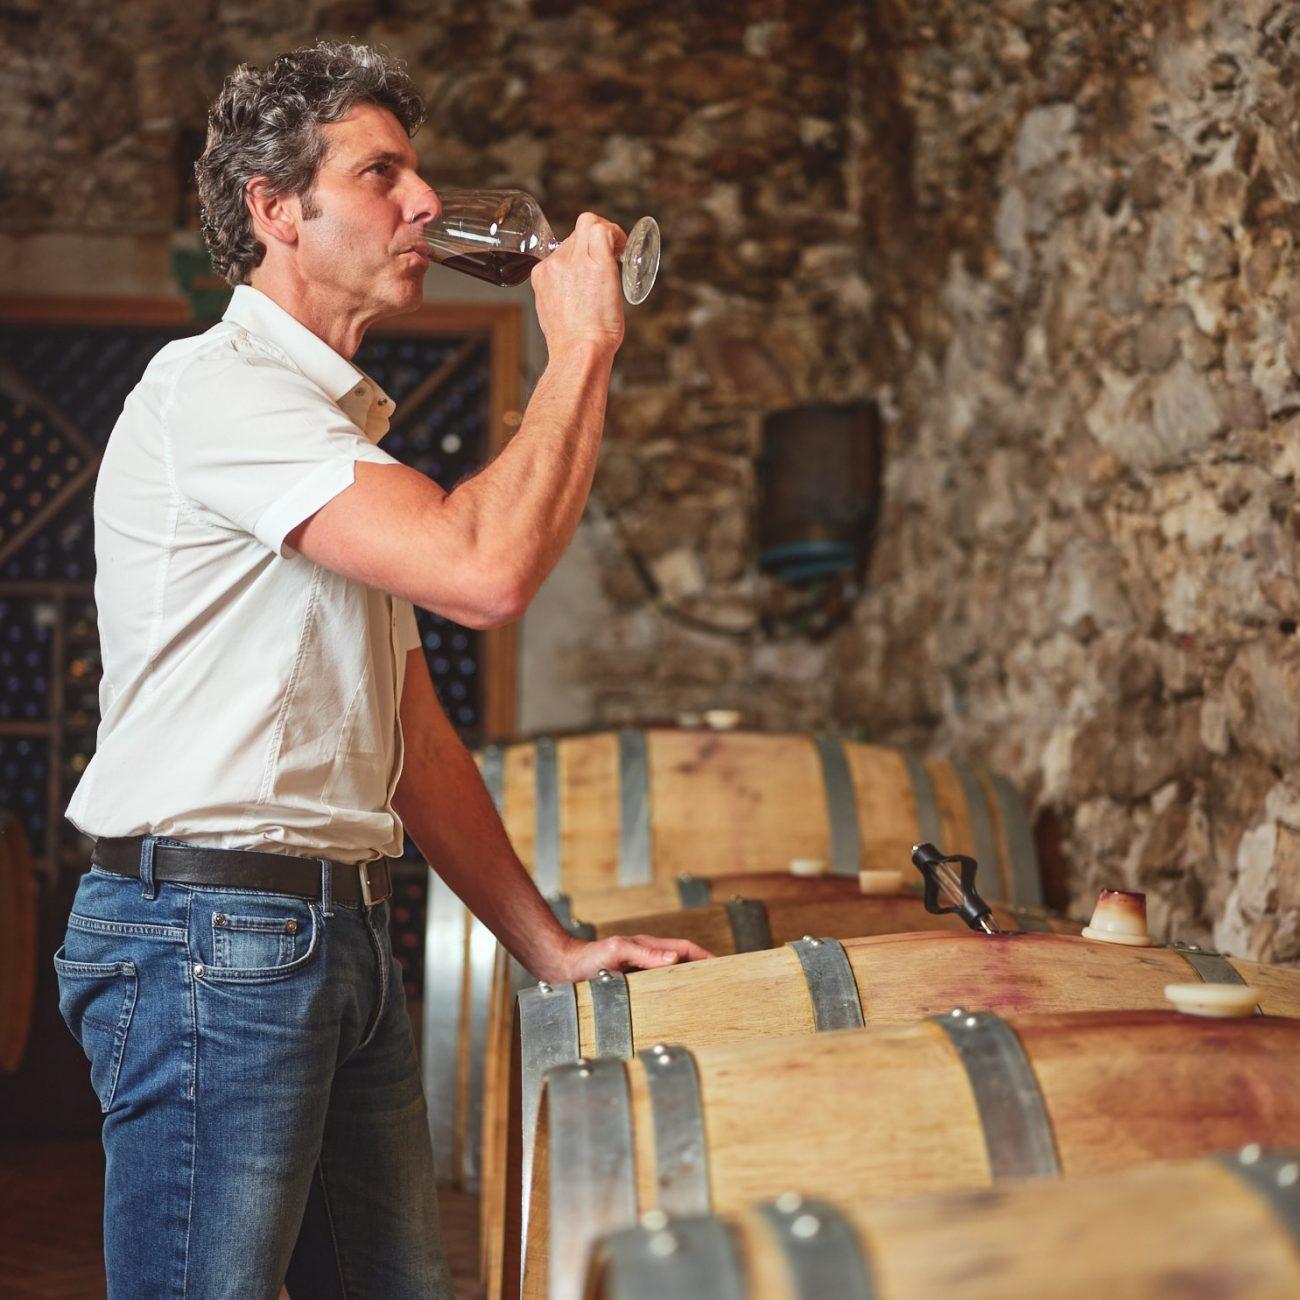 Bailoni-Stefano-assaggio -vino-cantina-2-min